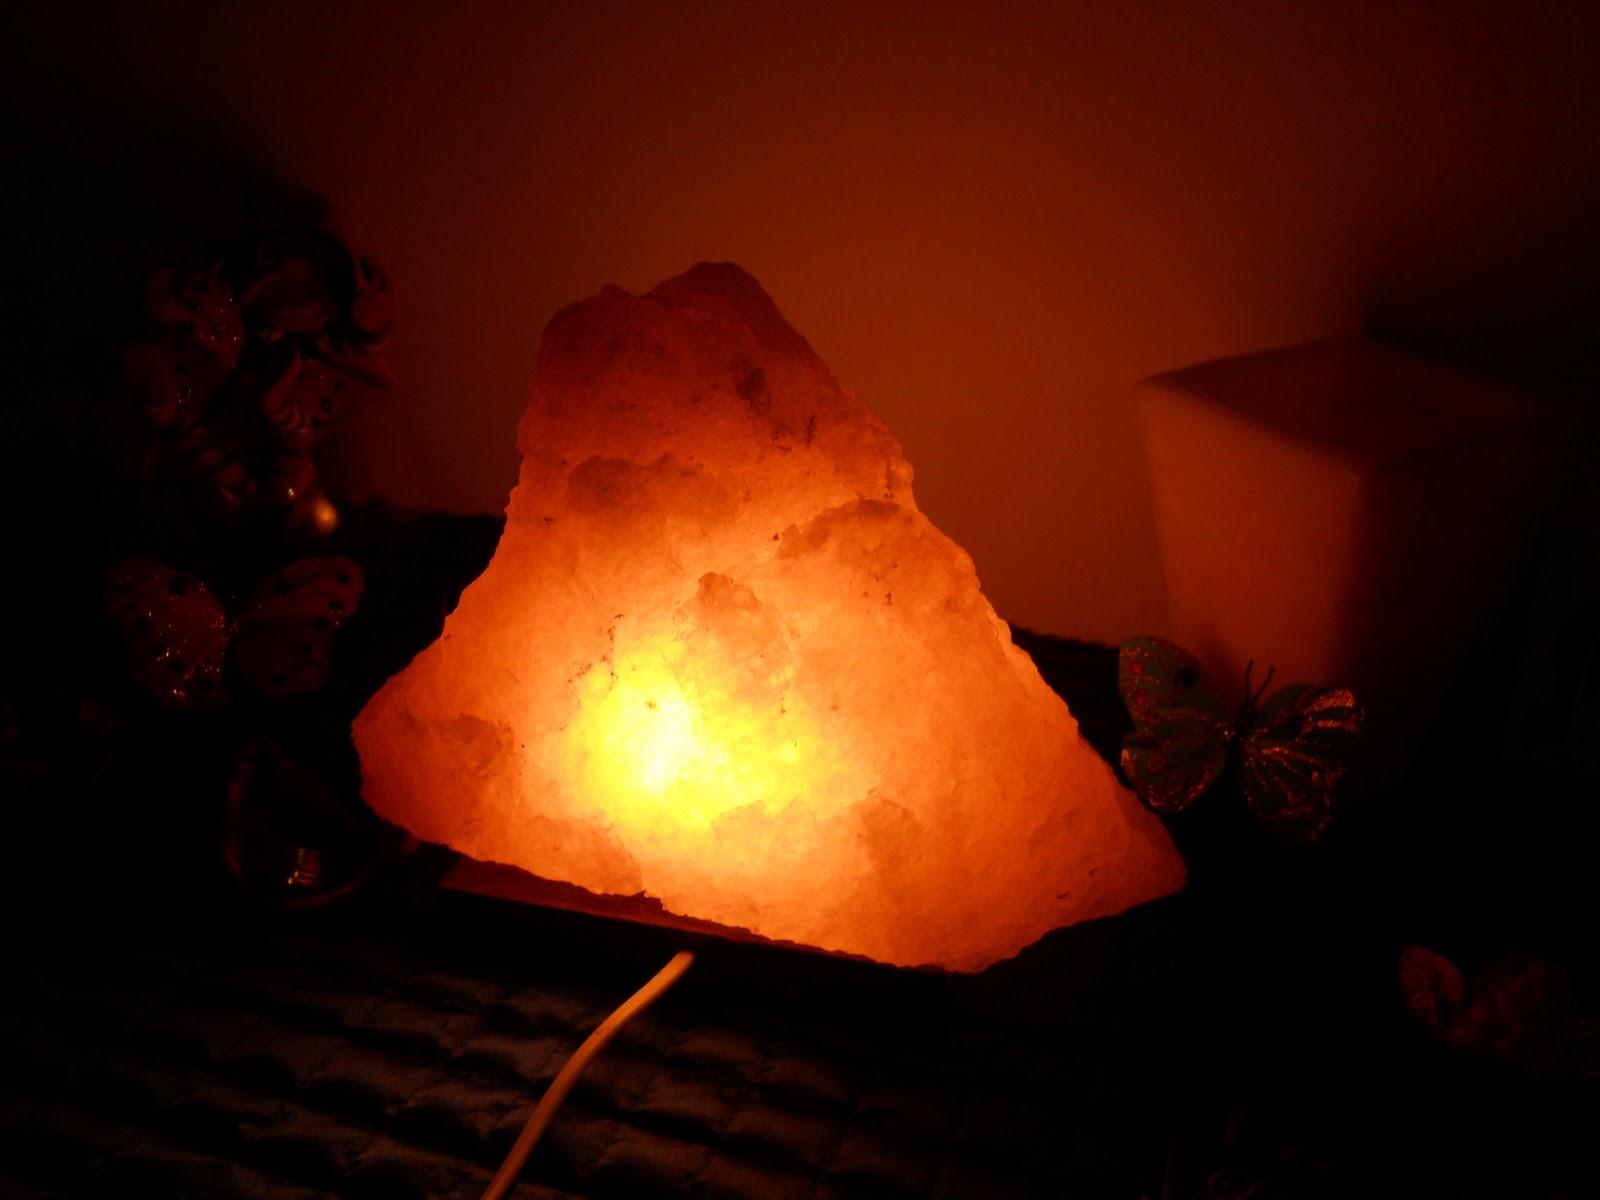 Vivir con alas lamparas de cristal de sal 2011 - Lamparas de sal precios ...